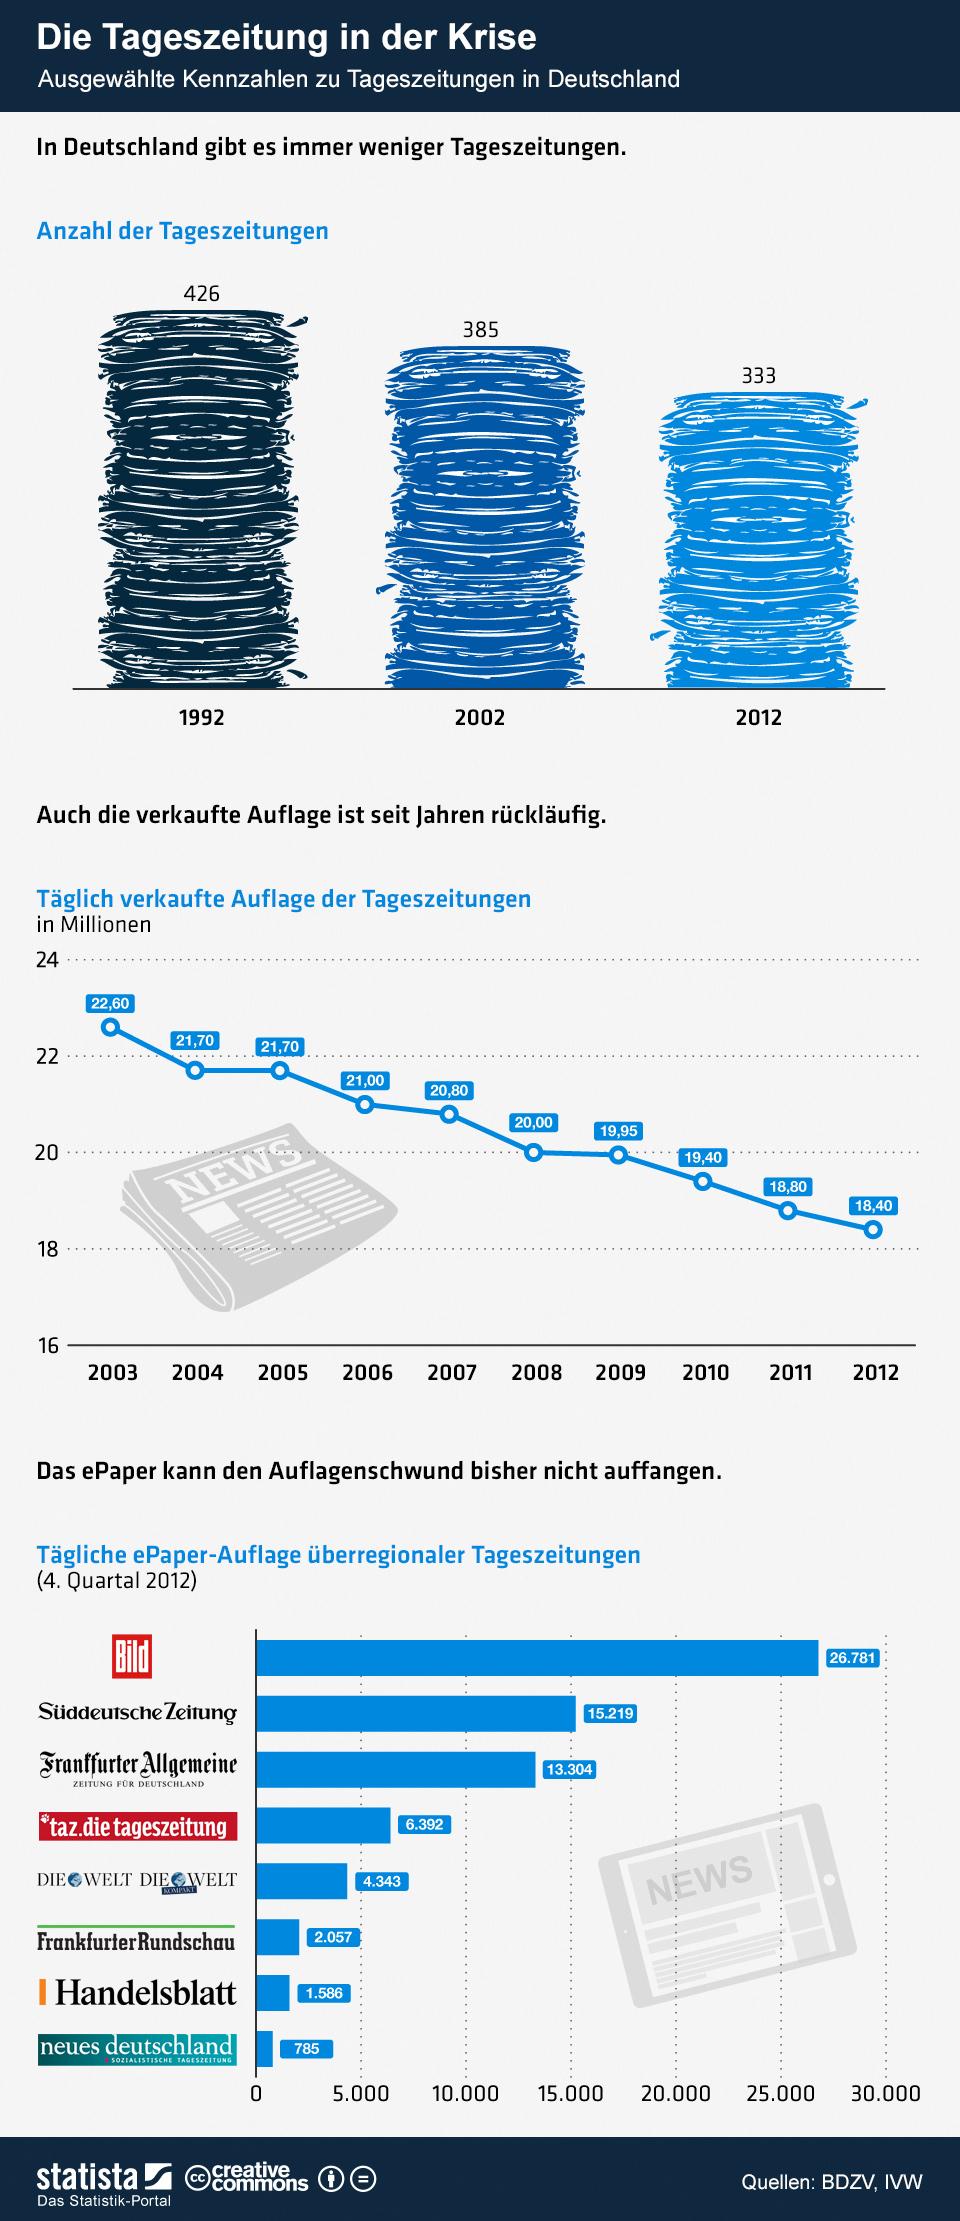 infografik_714_Die_Tageszeitung_in_der_Krise_b